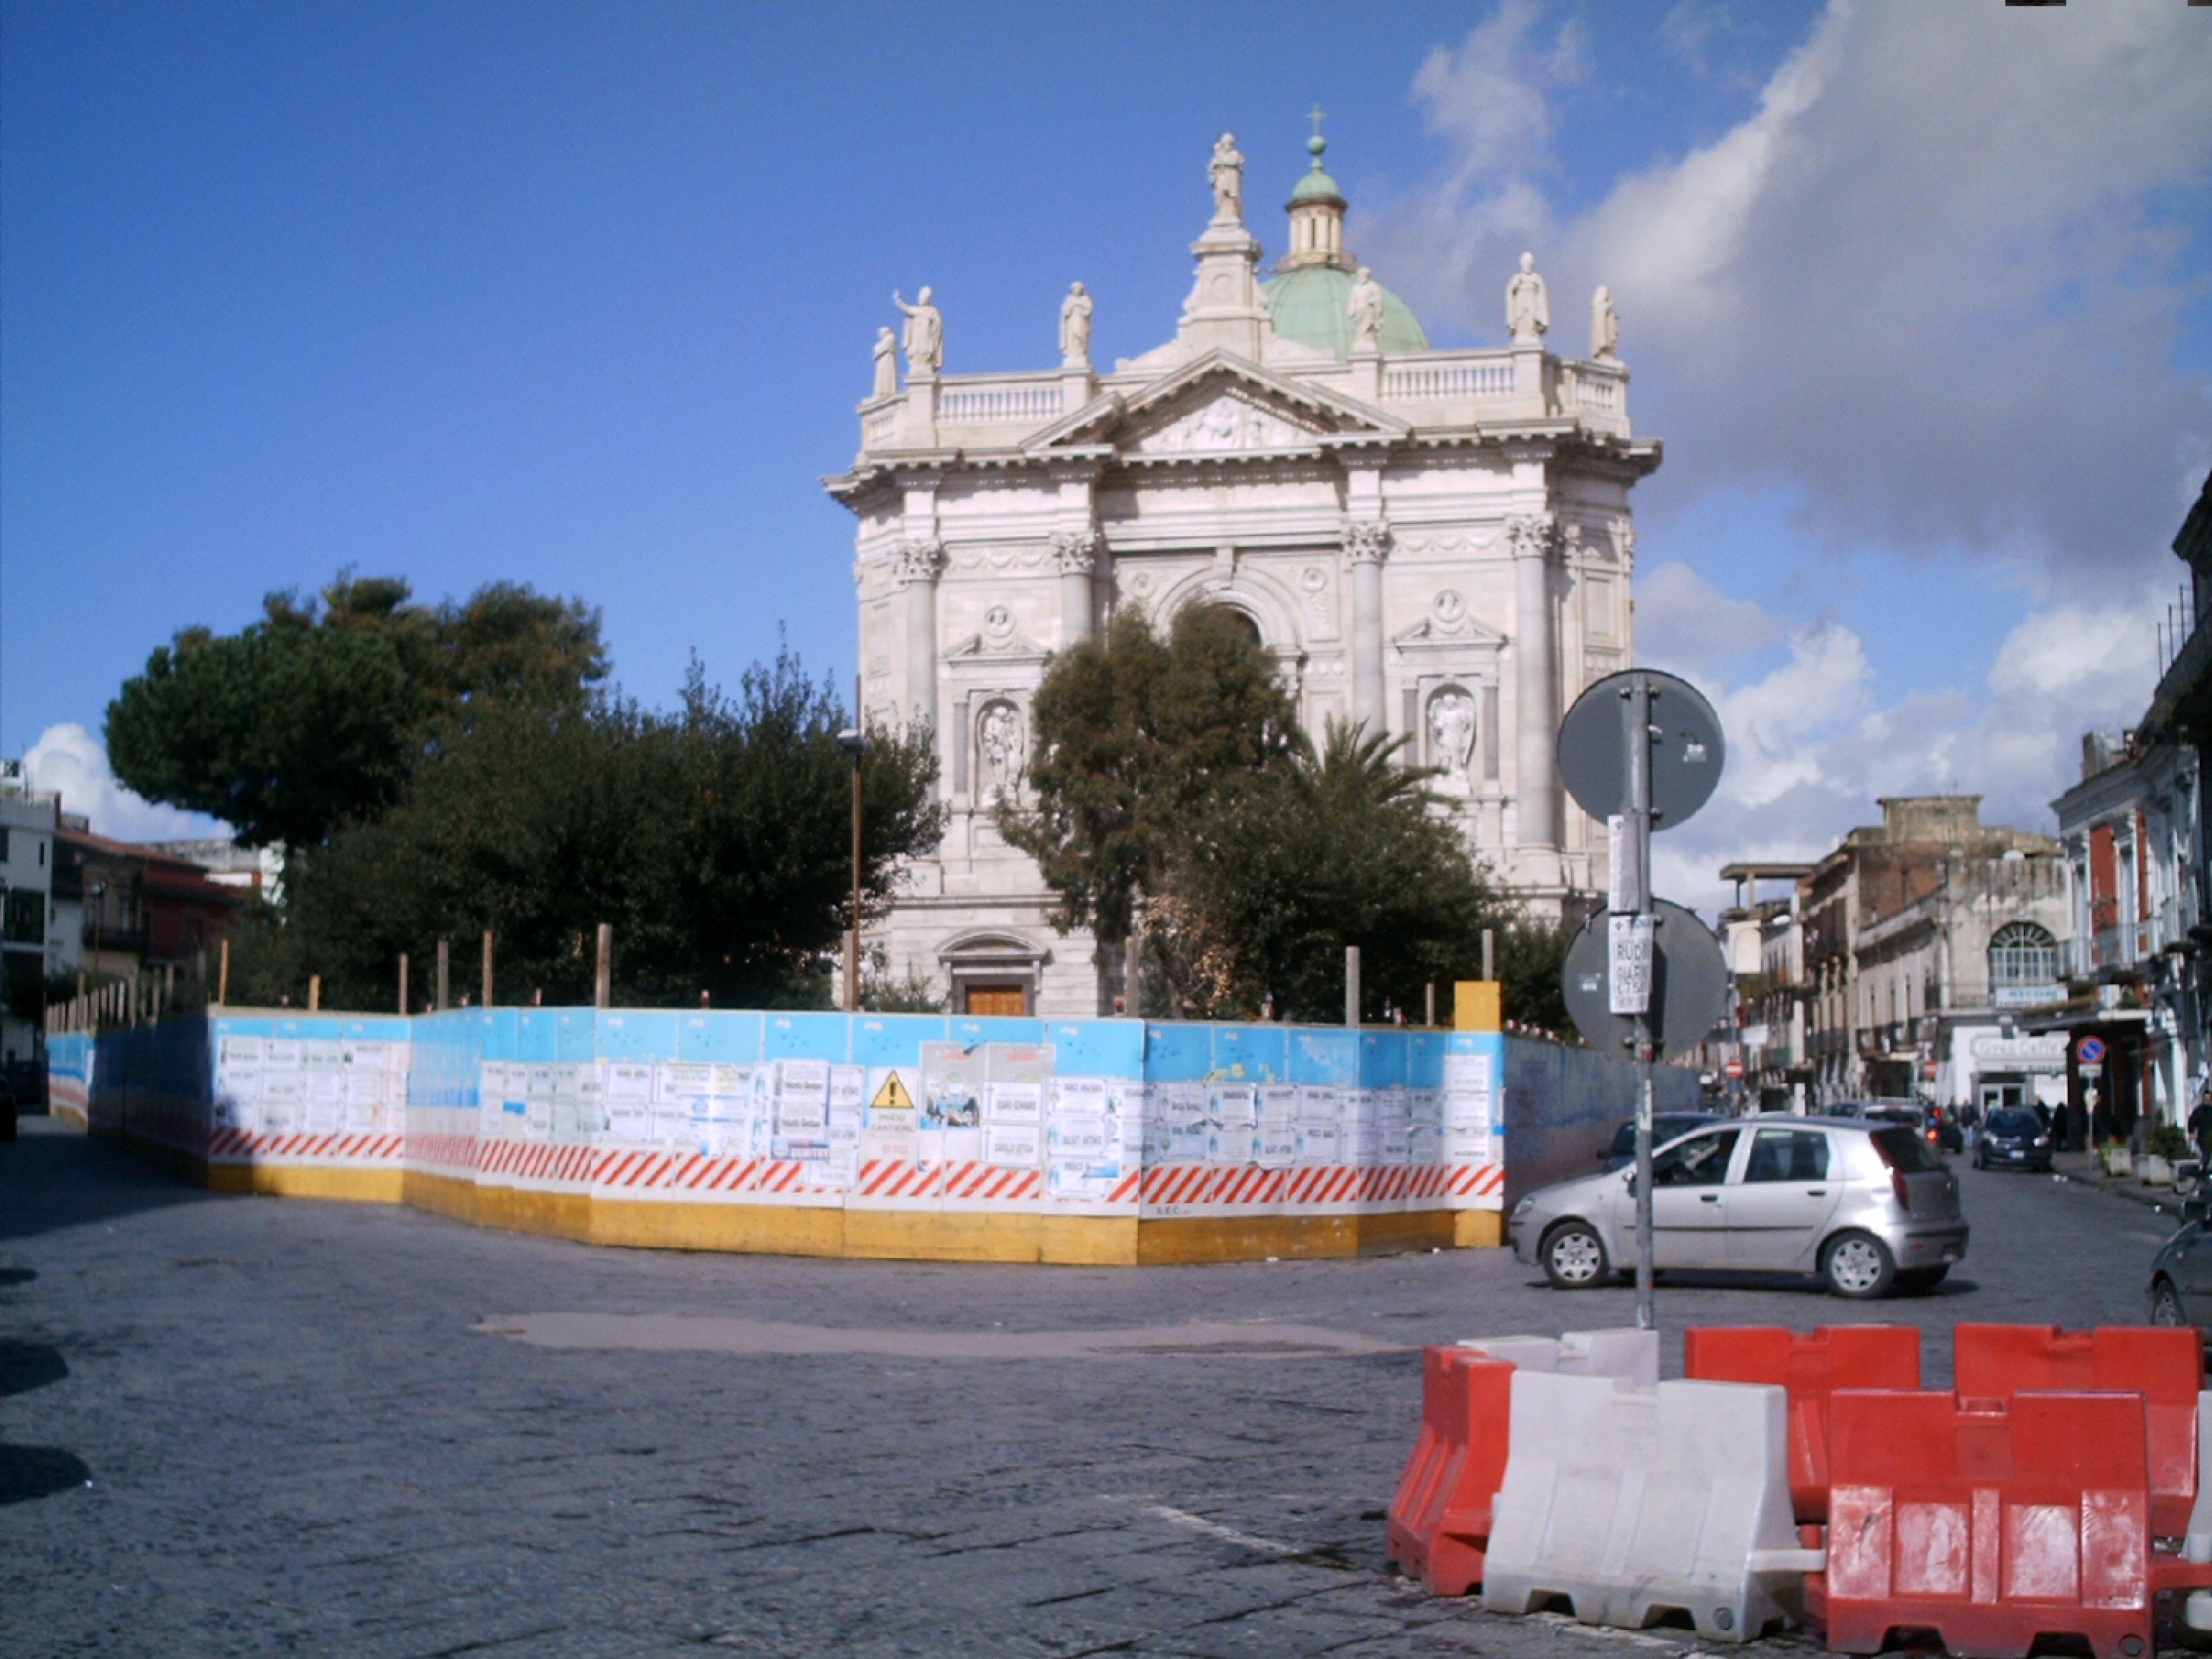 Ingrosso Tappeti San Giuseppe Vesuviano maria rosaria napolitano | blog di pino cerciello | pagina 2